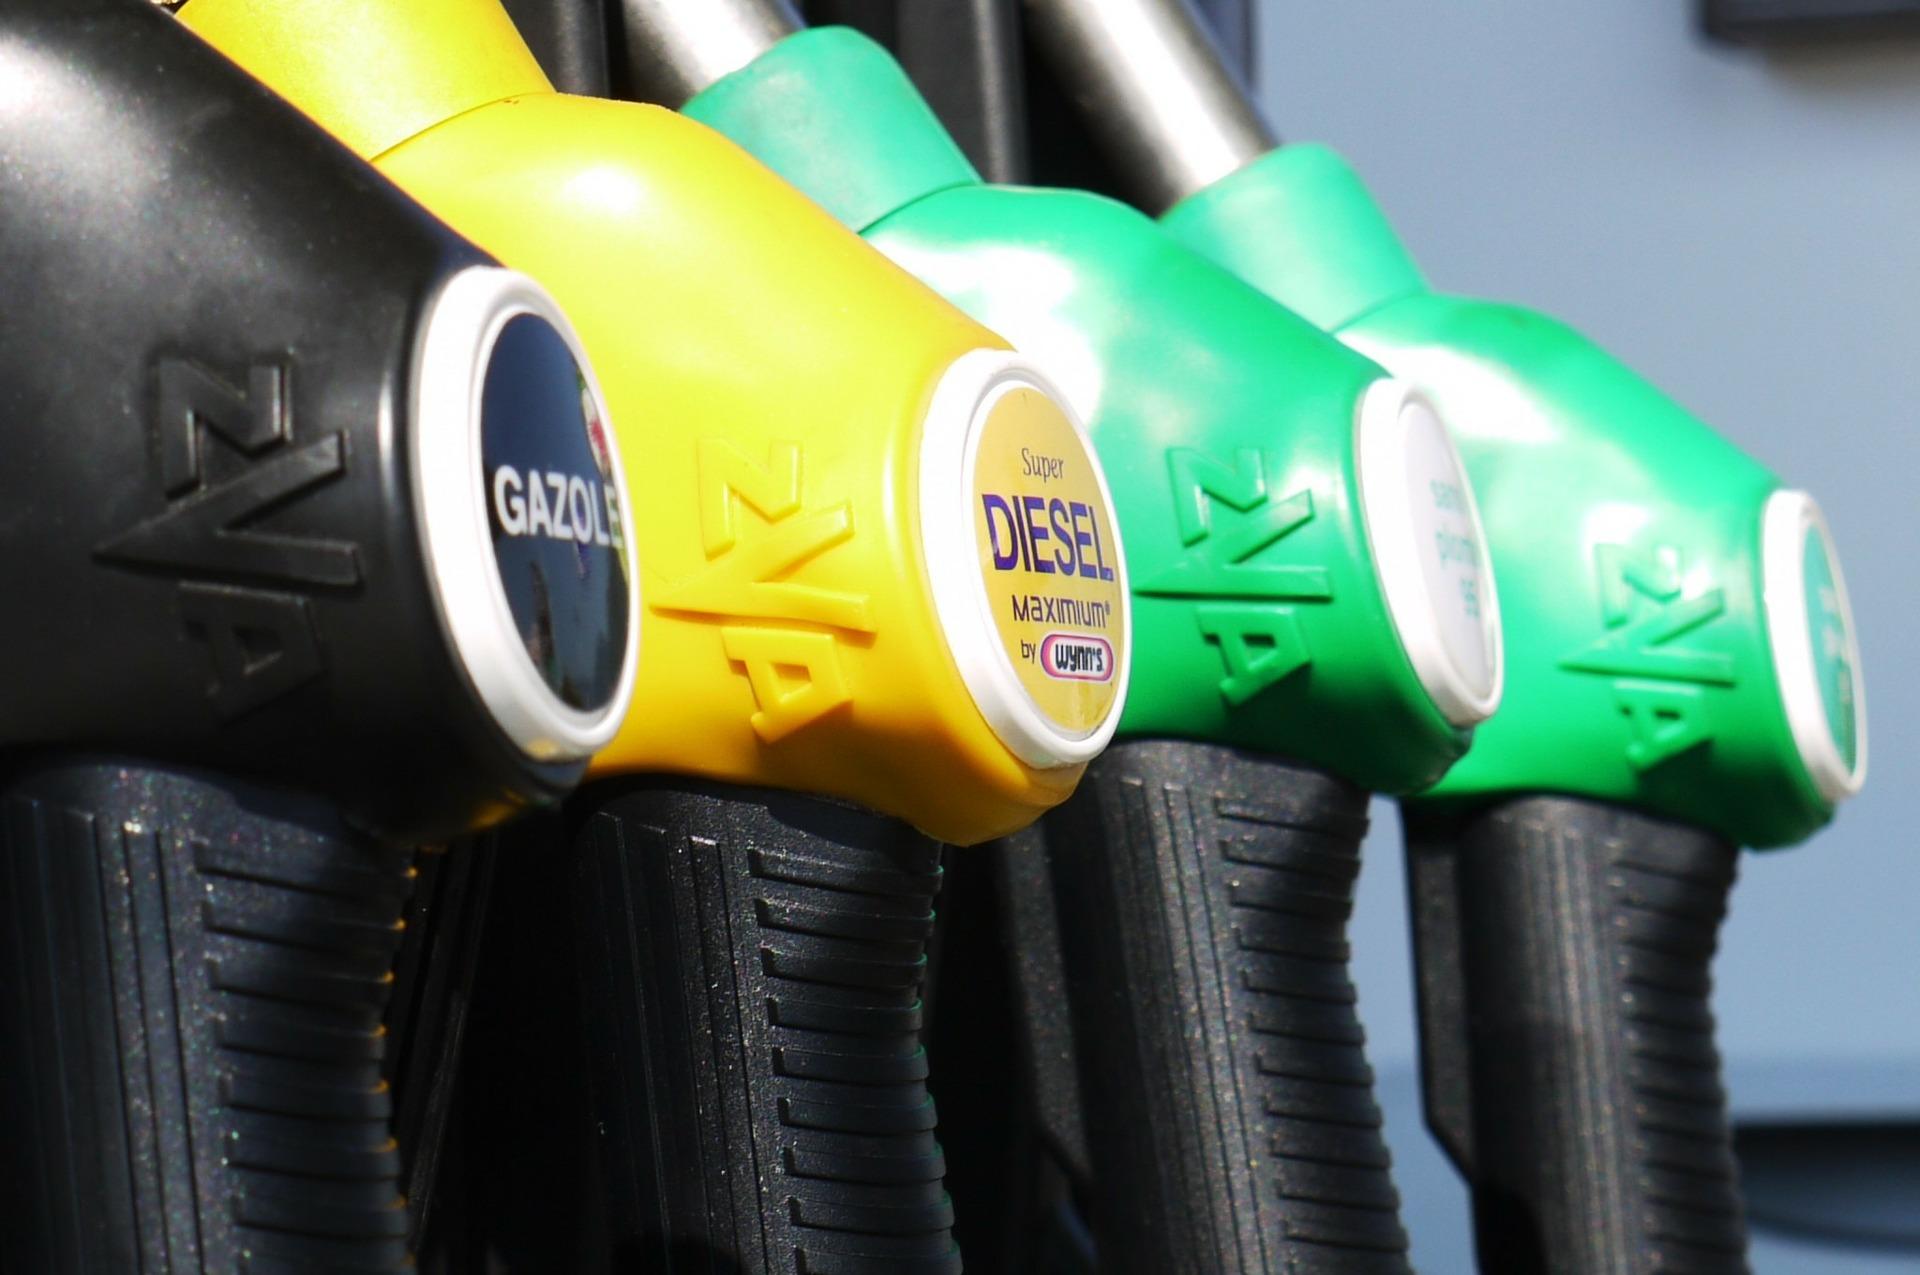 El, hybrid, bensin eller diesel - vilken väljer du?